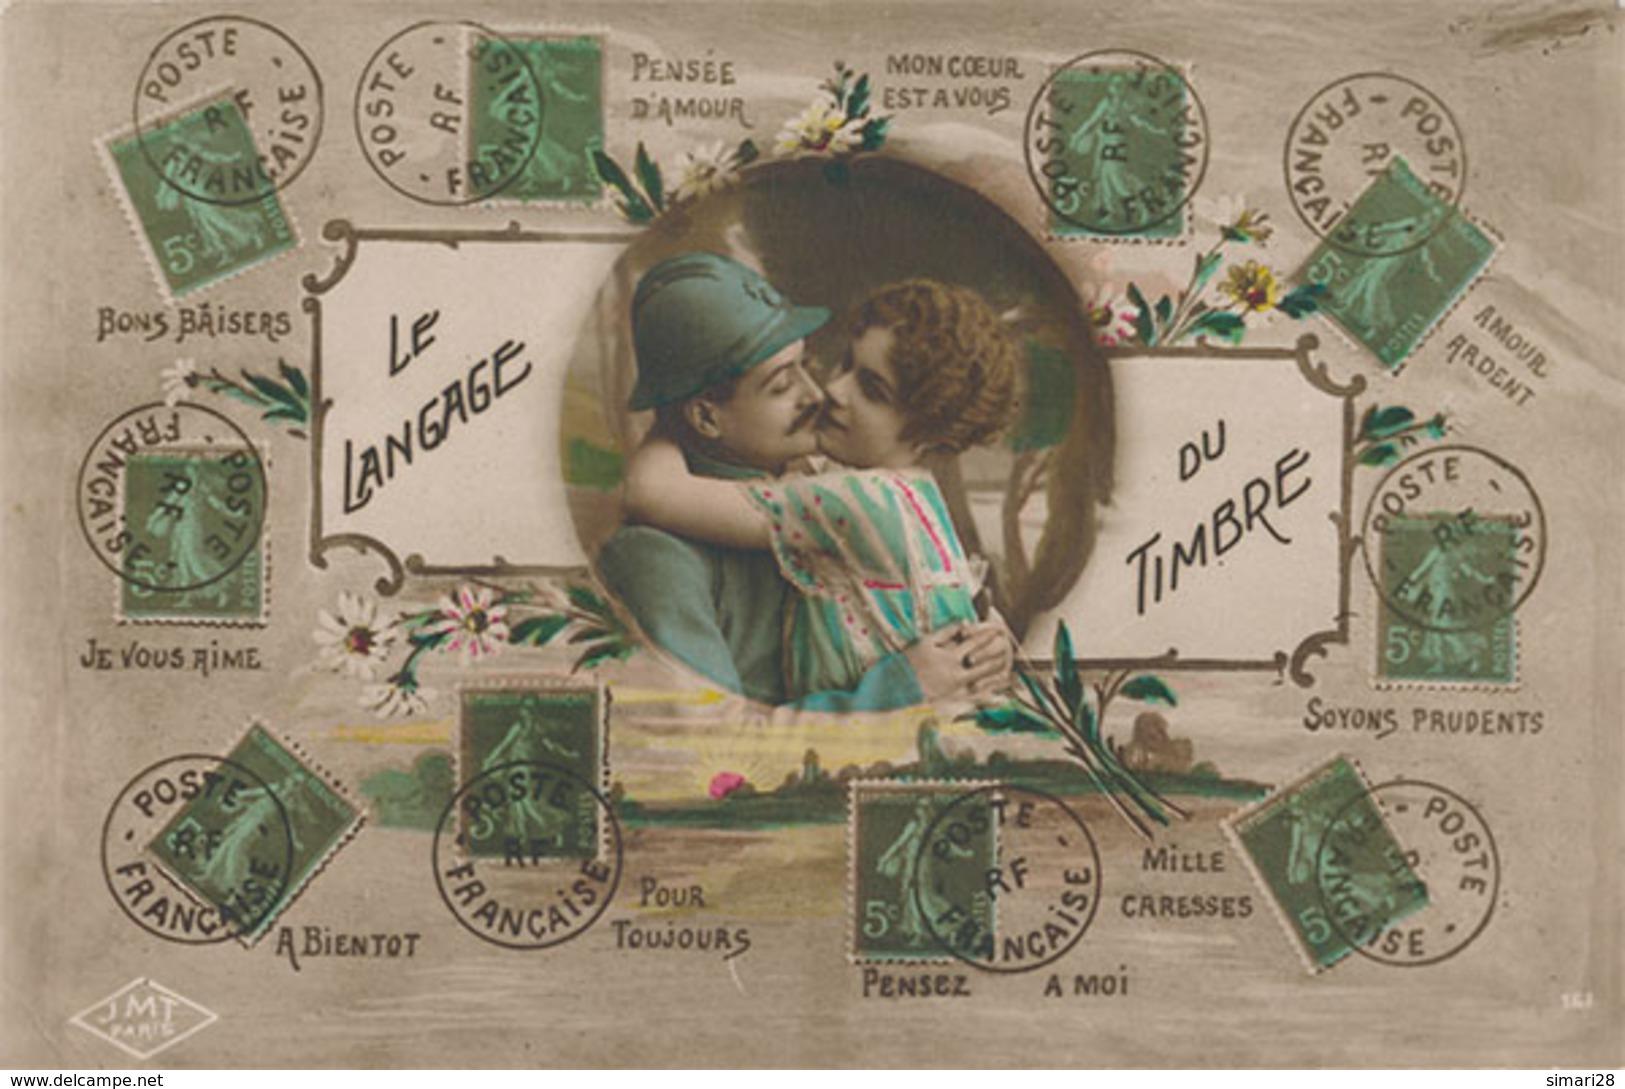 LE LANGAGE DU TIMBRE - Fancy Cards